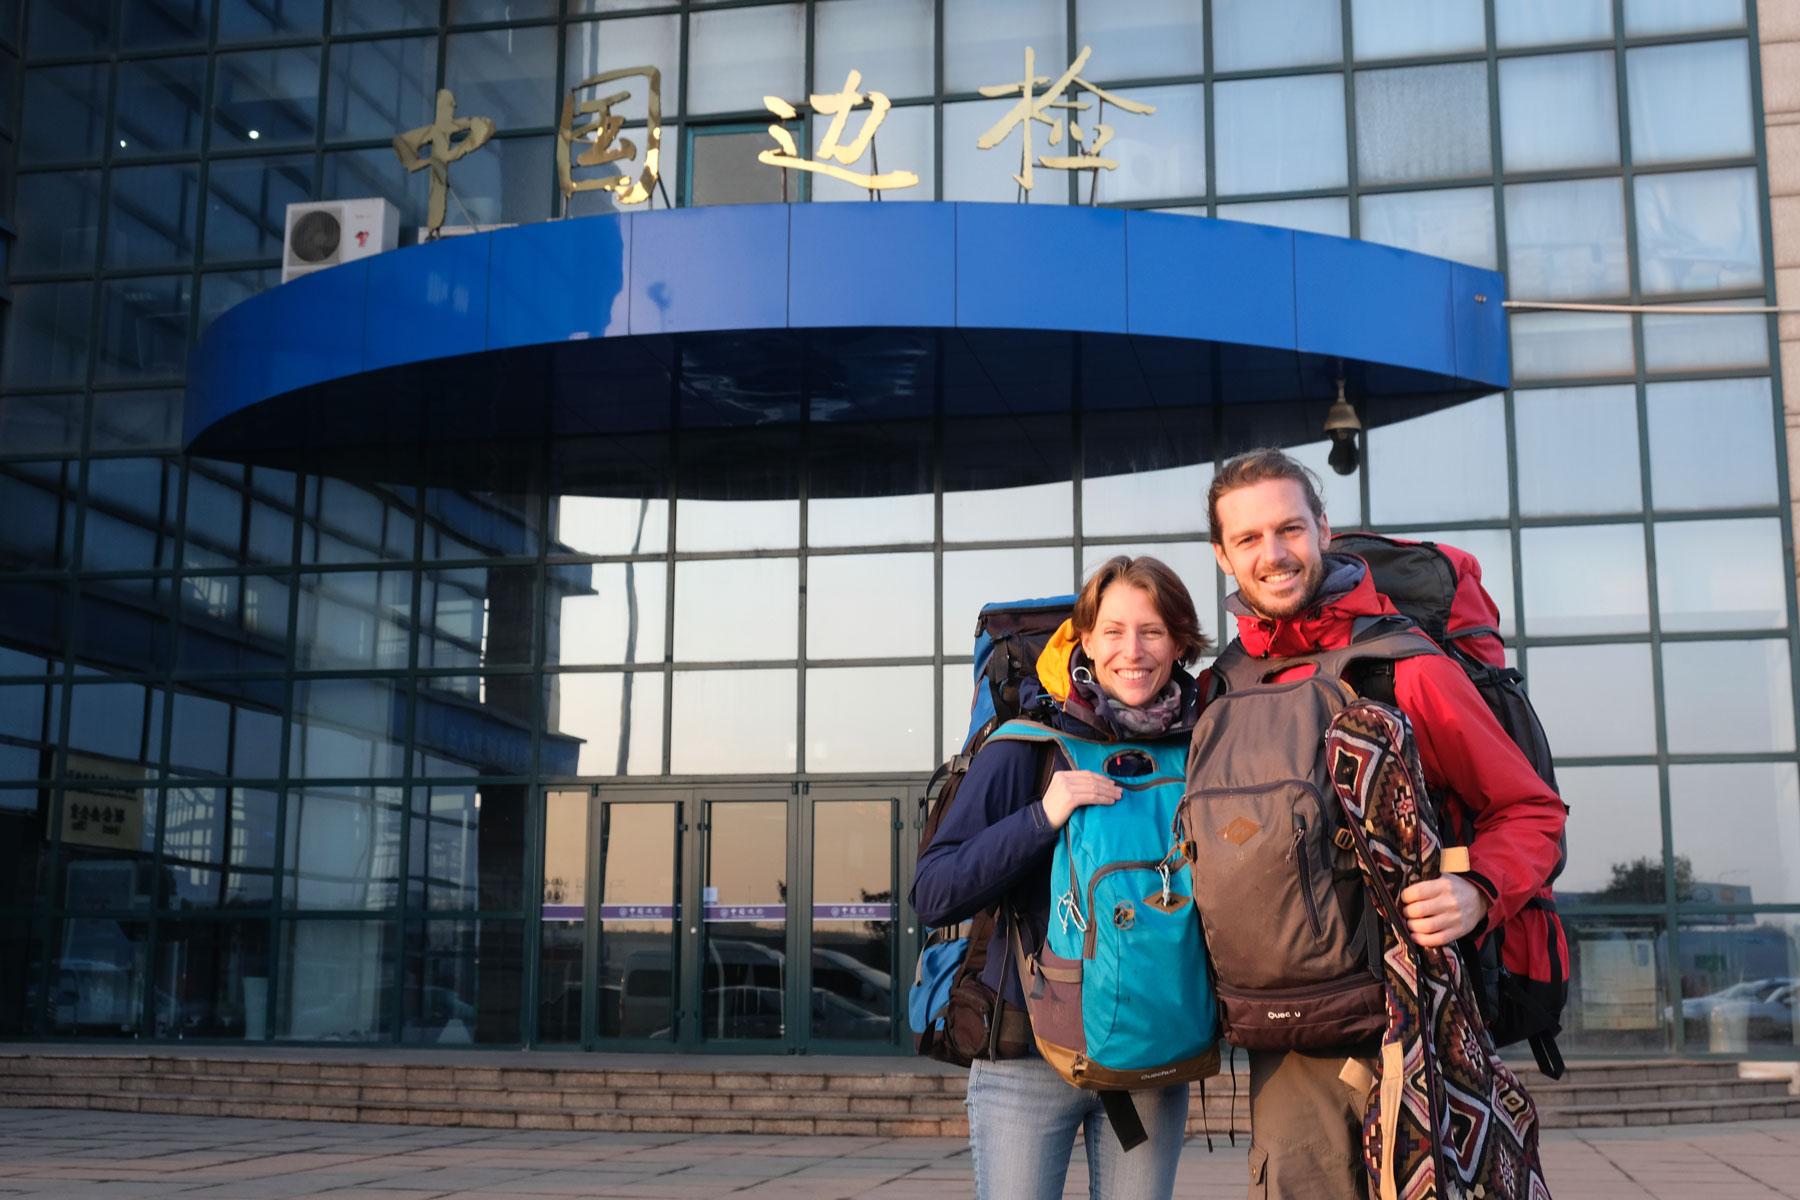 Leo und Sebastian stehen vor dem Ausreisegebäude in Qingdao.